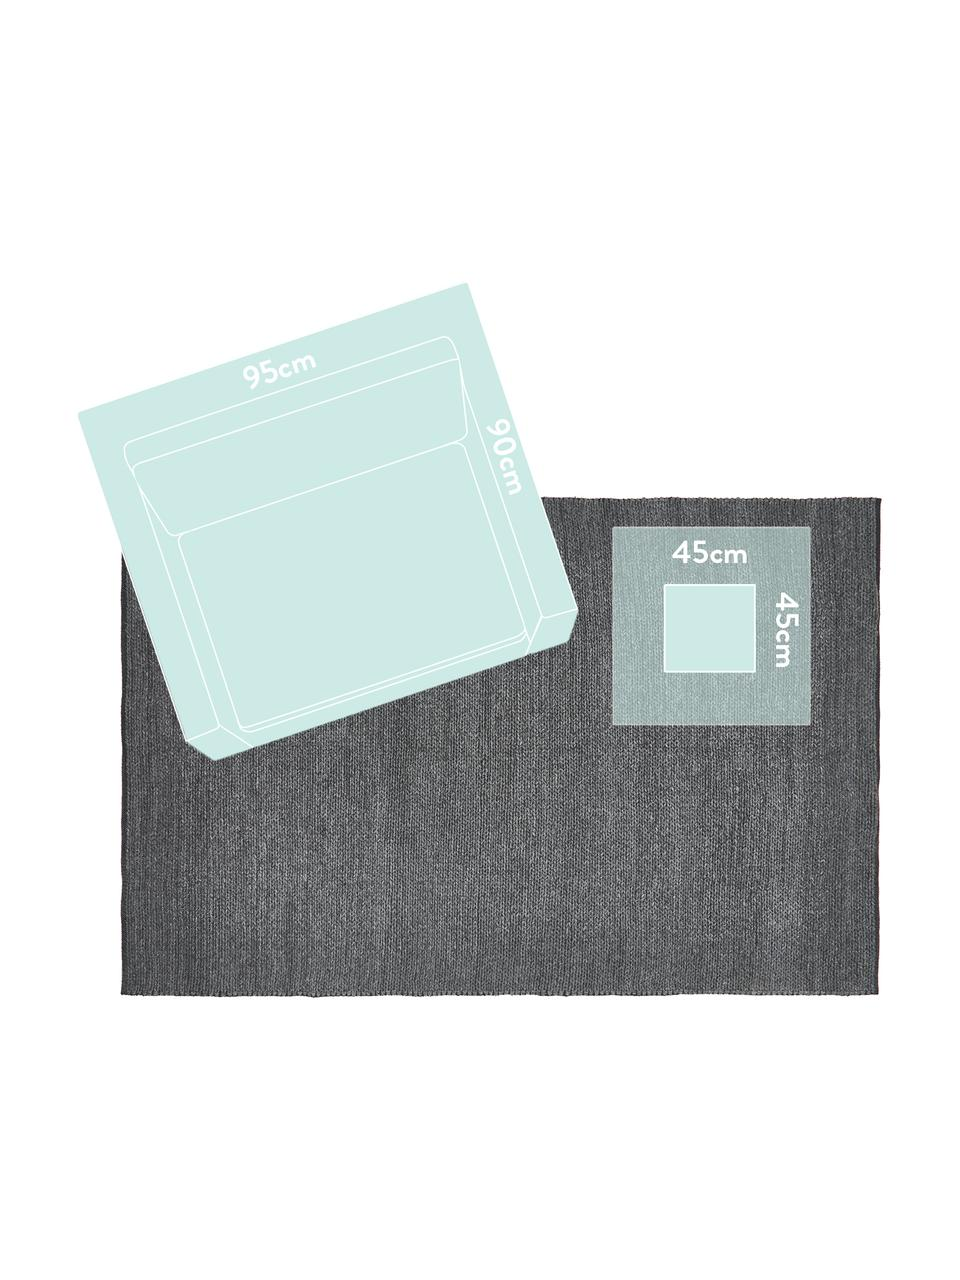 Ręcznie tkany dywan z wełny Uno, 60% wełna, 40% poliester Włókna dywanów wełnianych mogą nieznacznie rozluźniać się w pierwszych tygodniach użytkowania, co ustępuje po pewnym czasie, Ciemnyszary, melanżowy, S 160 x D 230 cm (Rozmiar M)